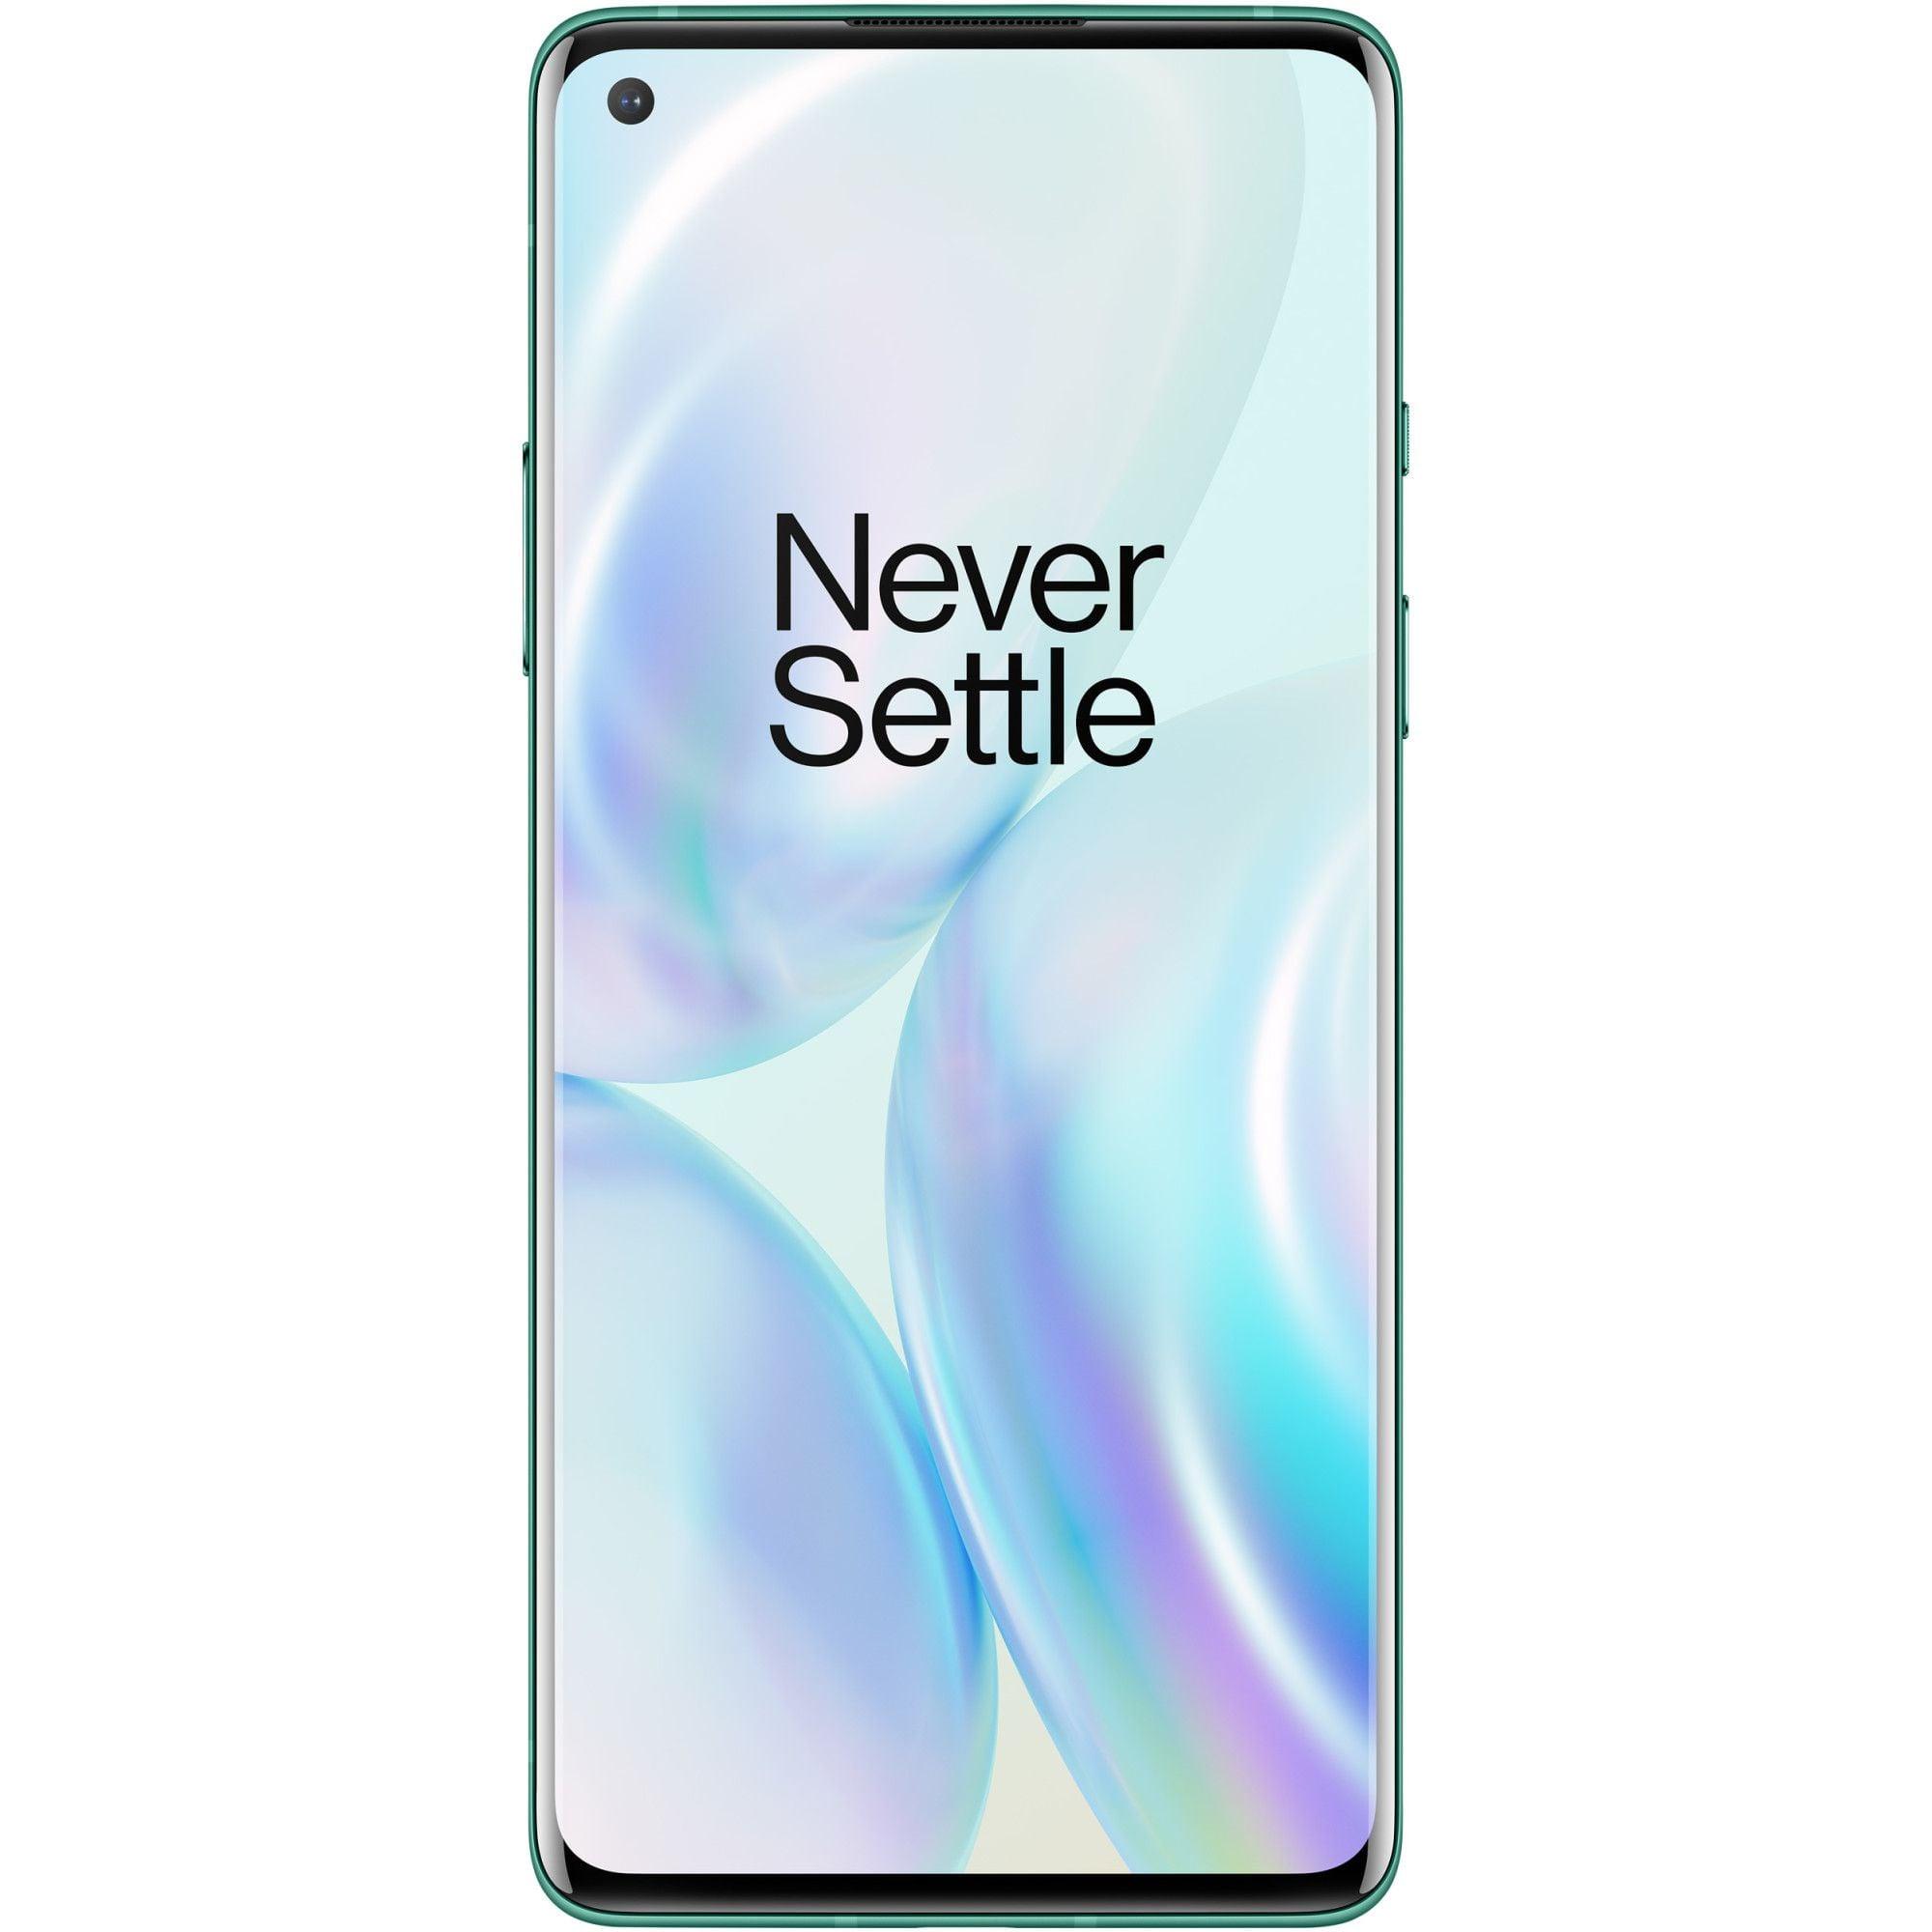 Telefon mobil OnePlus 8, Dual SIM, 128GB, 8GB RAM, 5G, Glacial Green